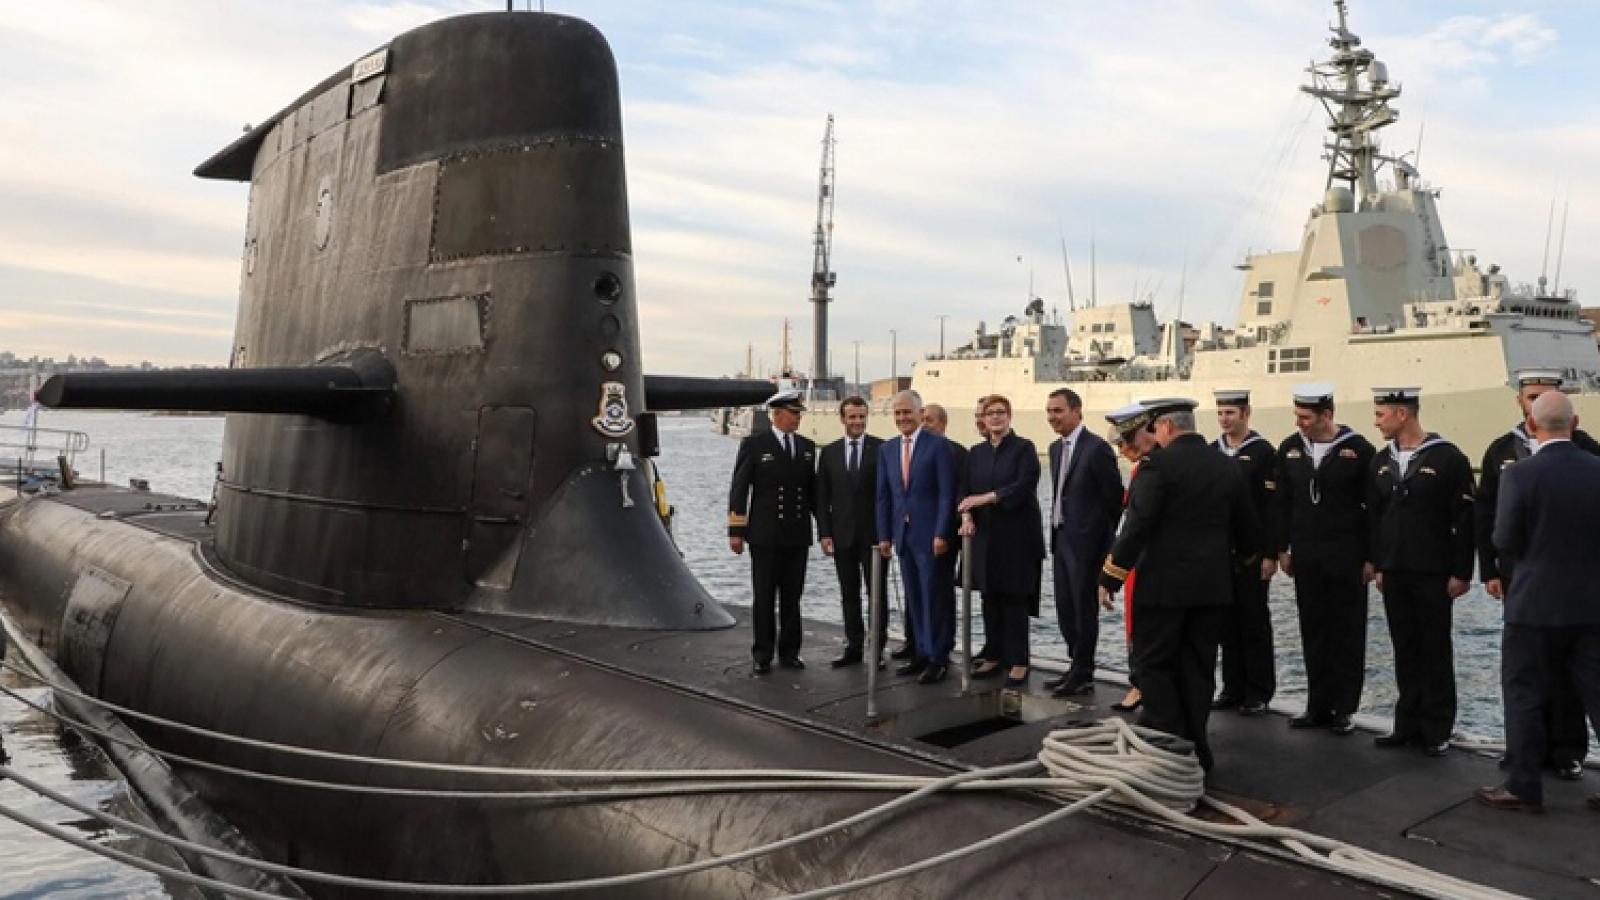 """Mỹ-Pháp: Đồng minh gay gắt với nhau sau thương vụ """"lật kèo"""" tàu ngầm"""